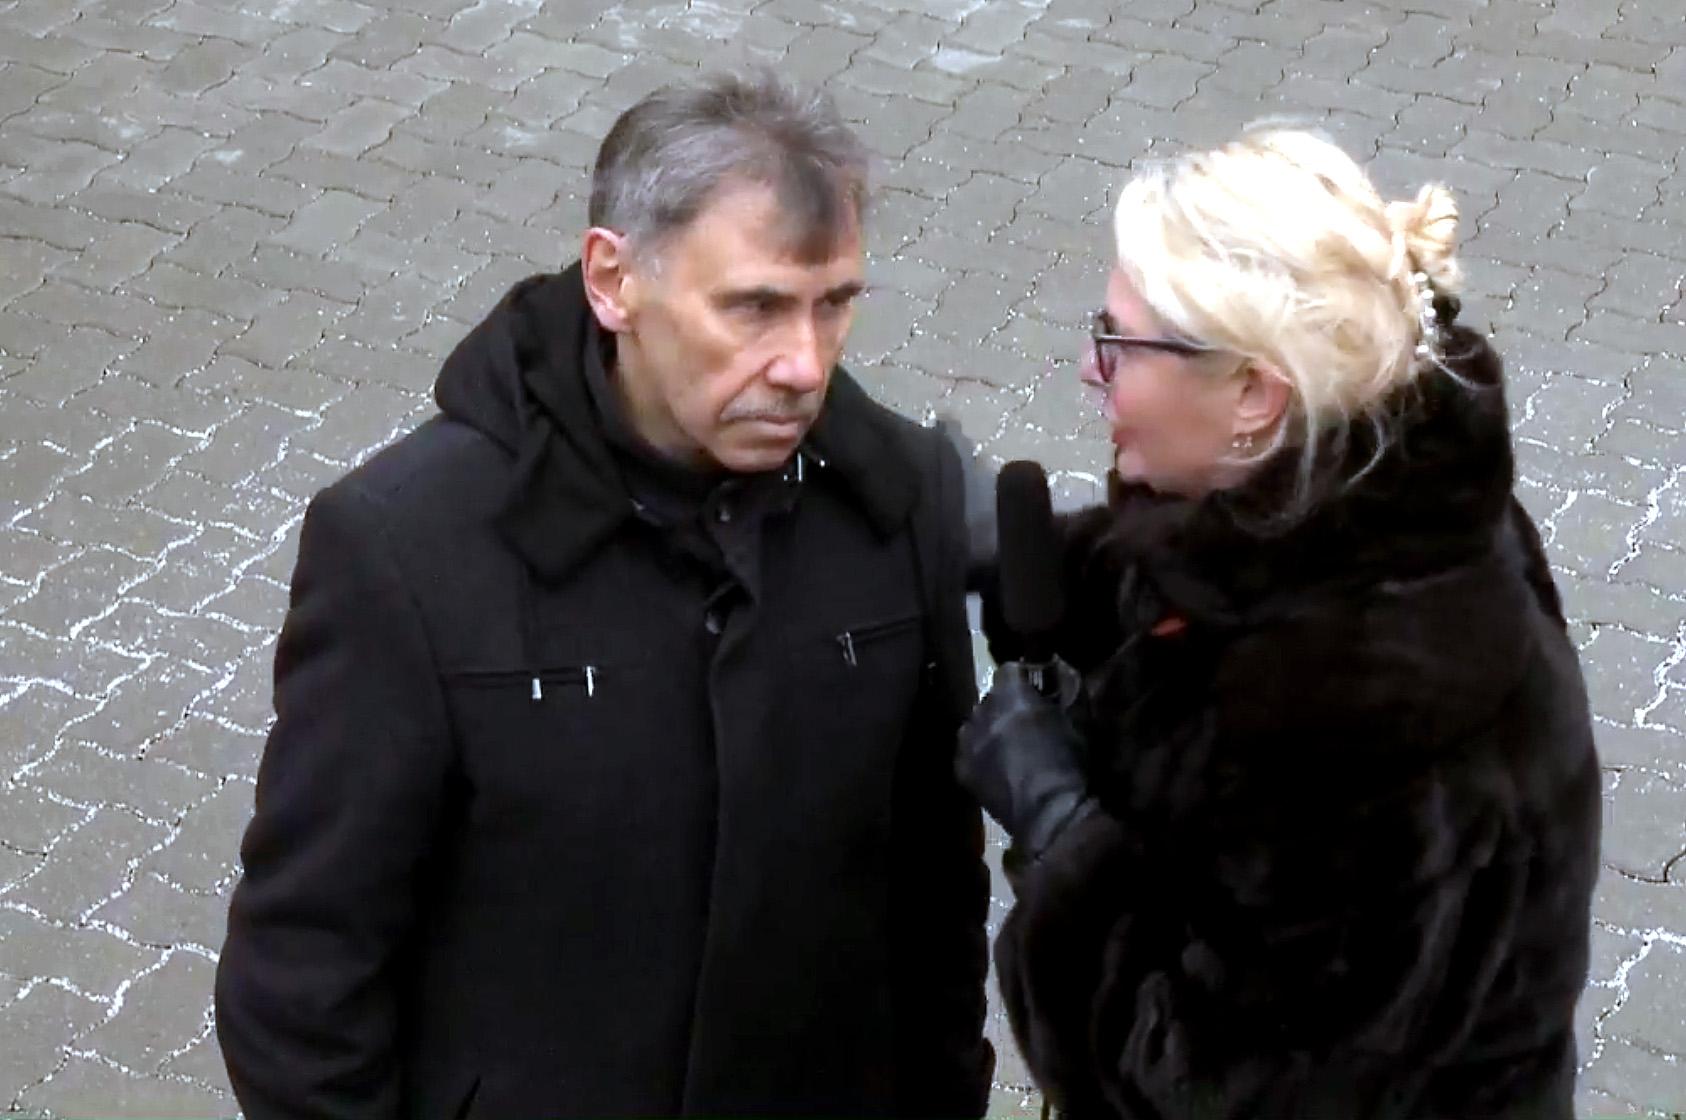 Seimo narys Zbignevas Jedinskis | Alkas.lt nuotr.